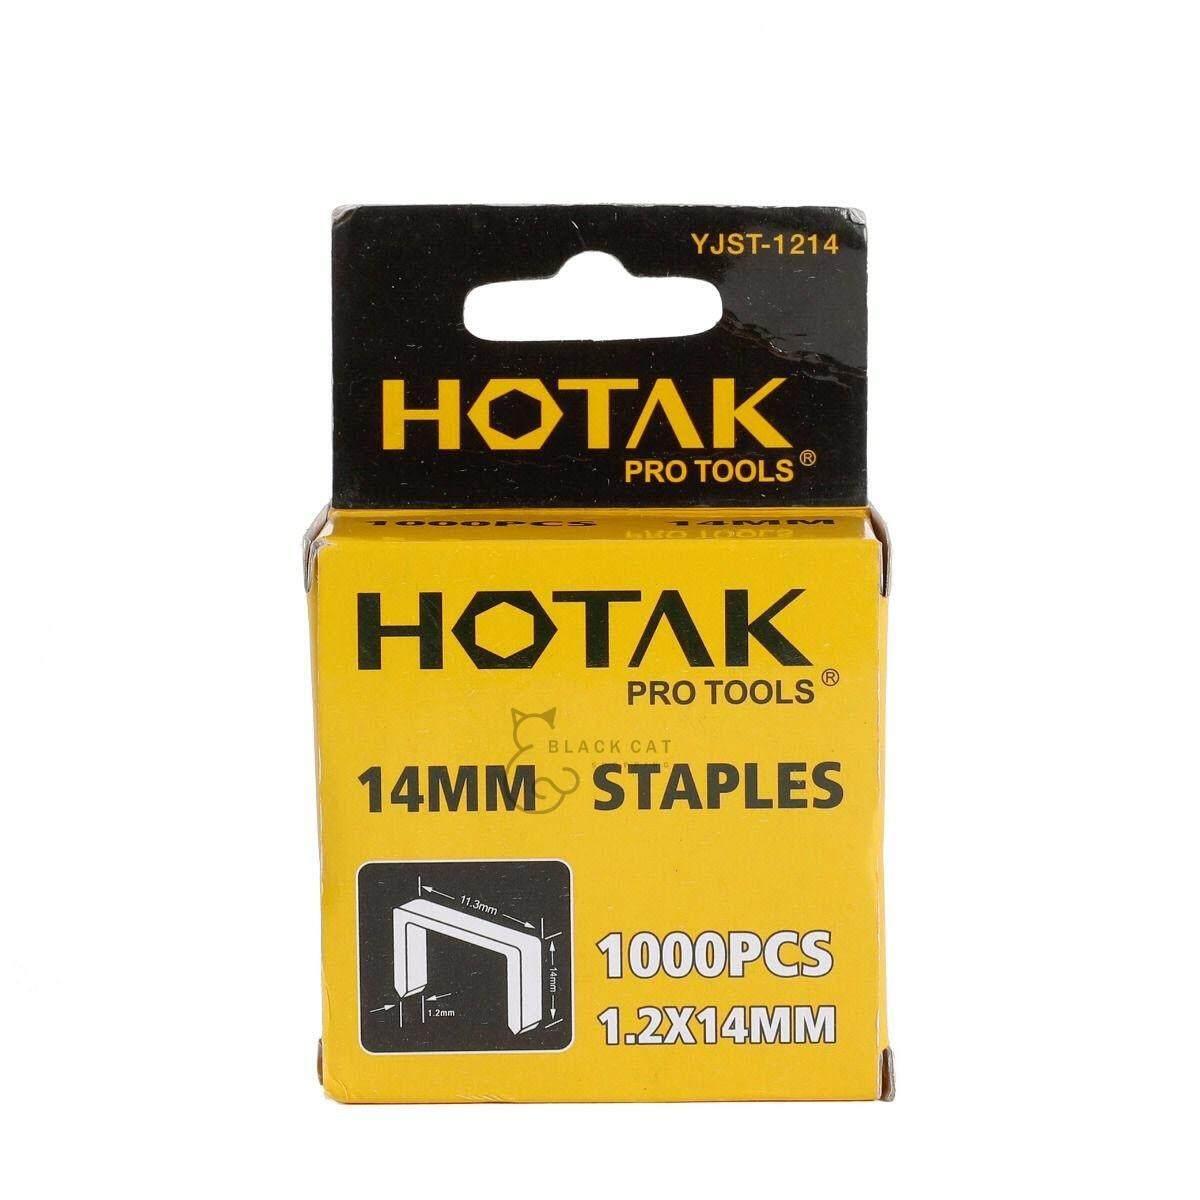 HOTAK Staples ลูกแม็กยิงบอร์ด ขนาด 6mm 8mm 10mm 12mm 14mm ลวดเย็บกระดาษ  ลูกแม็ก ลูกแม็กซ์ ที่เย็บกระดาษ แม็กเย็บกระดาษ แม็คเย็บกระดาษ